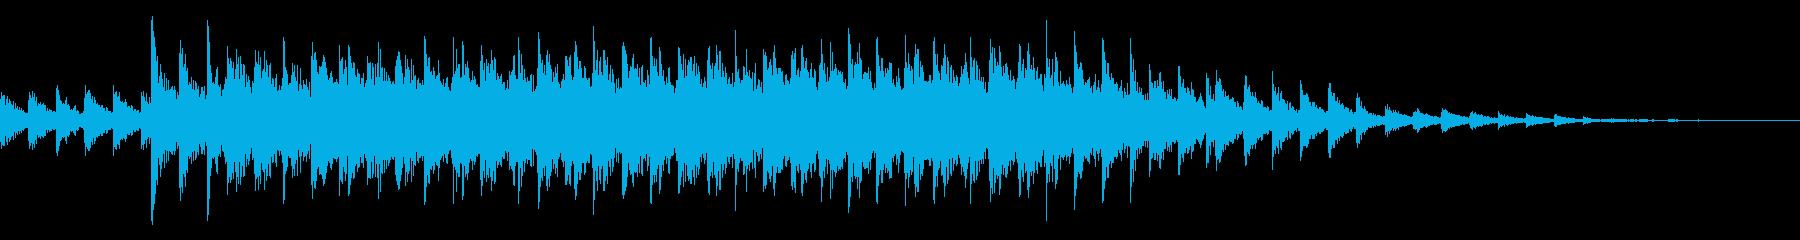 カラコロ(異次元へ移動する電子音)の再生済みの波形